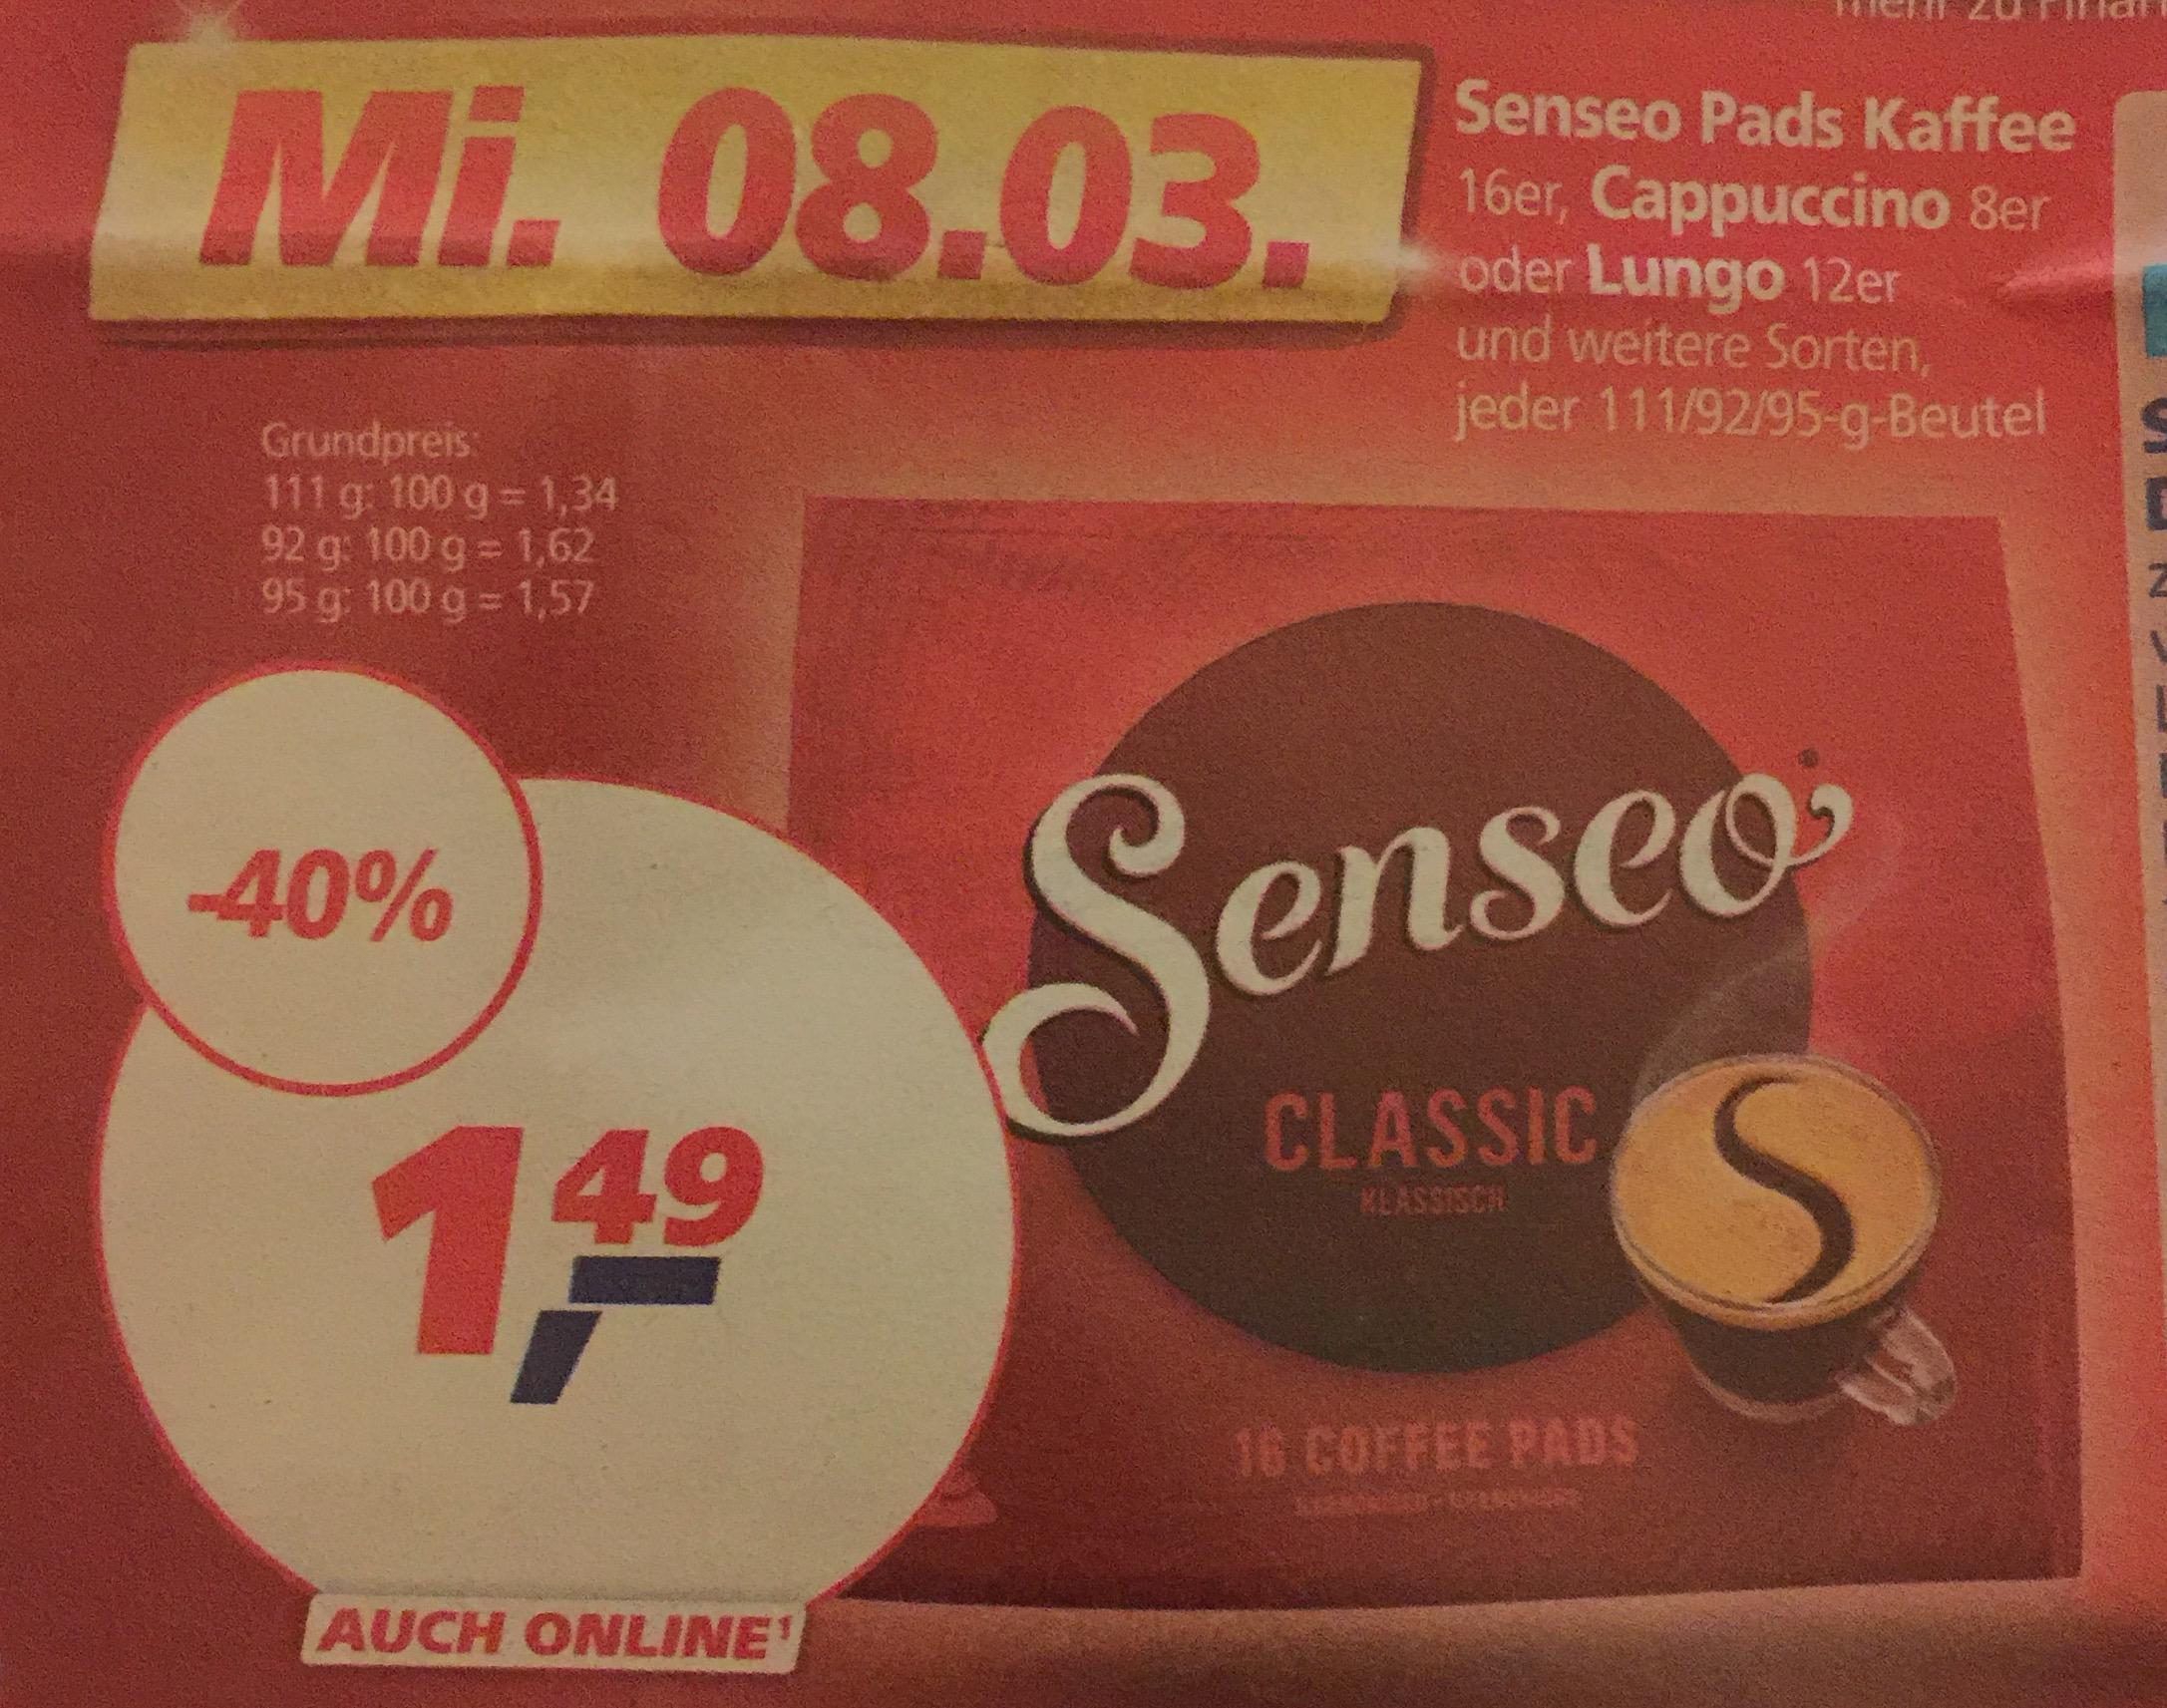 Senseo Pads für 1,49€ [Real, nur am 08.03.]